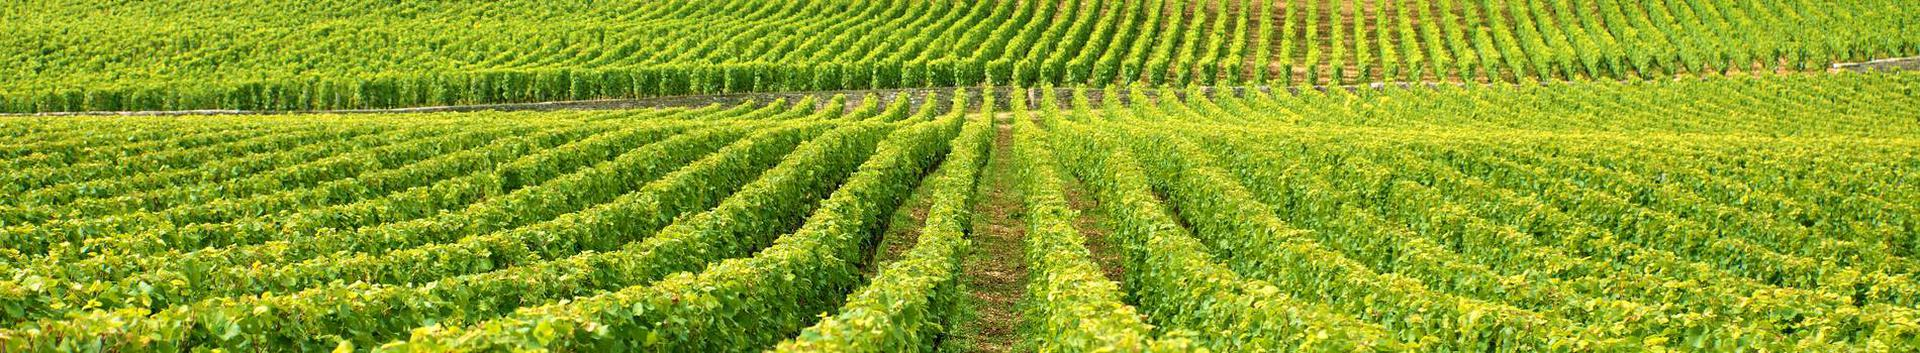 01211_viinamarjakasvatus_33911002_xl.jpg